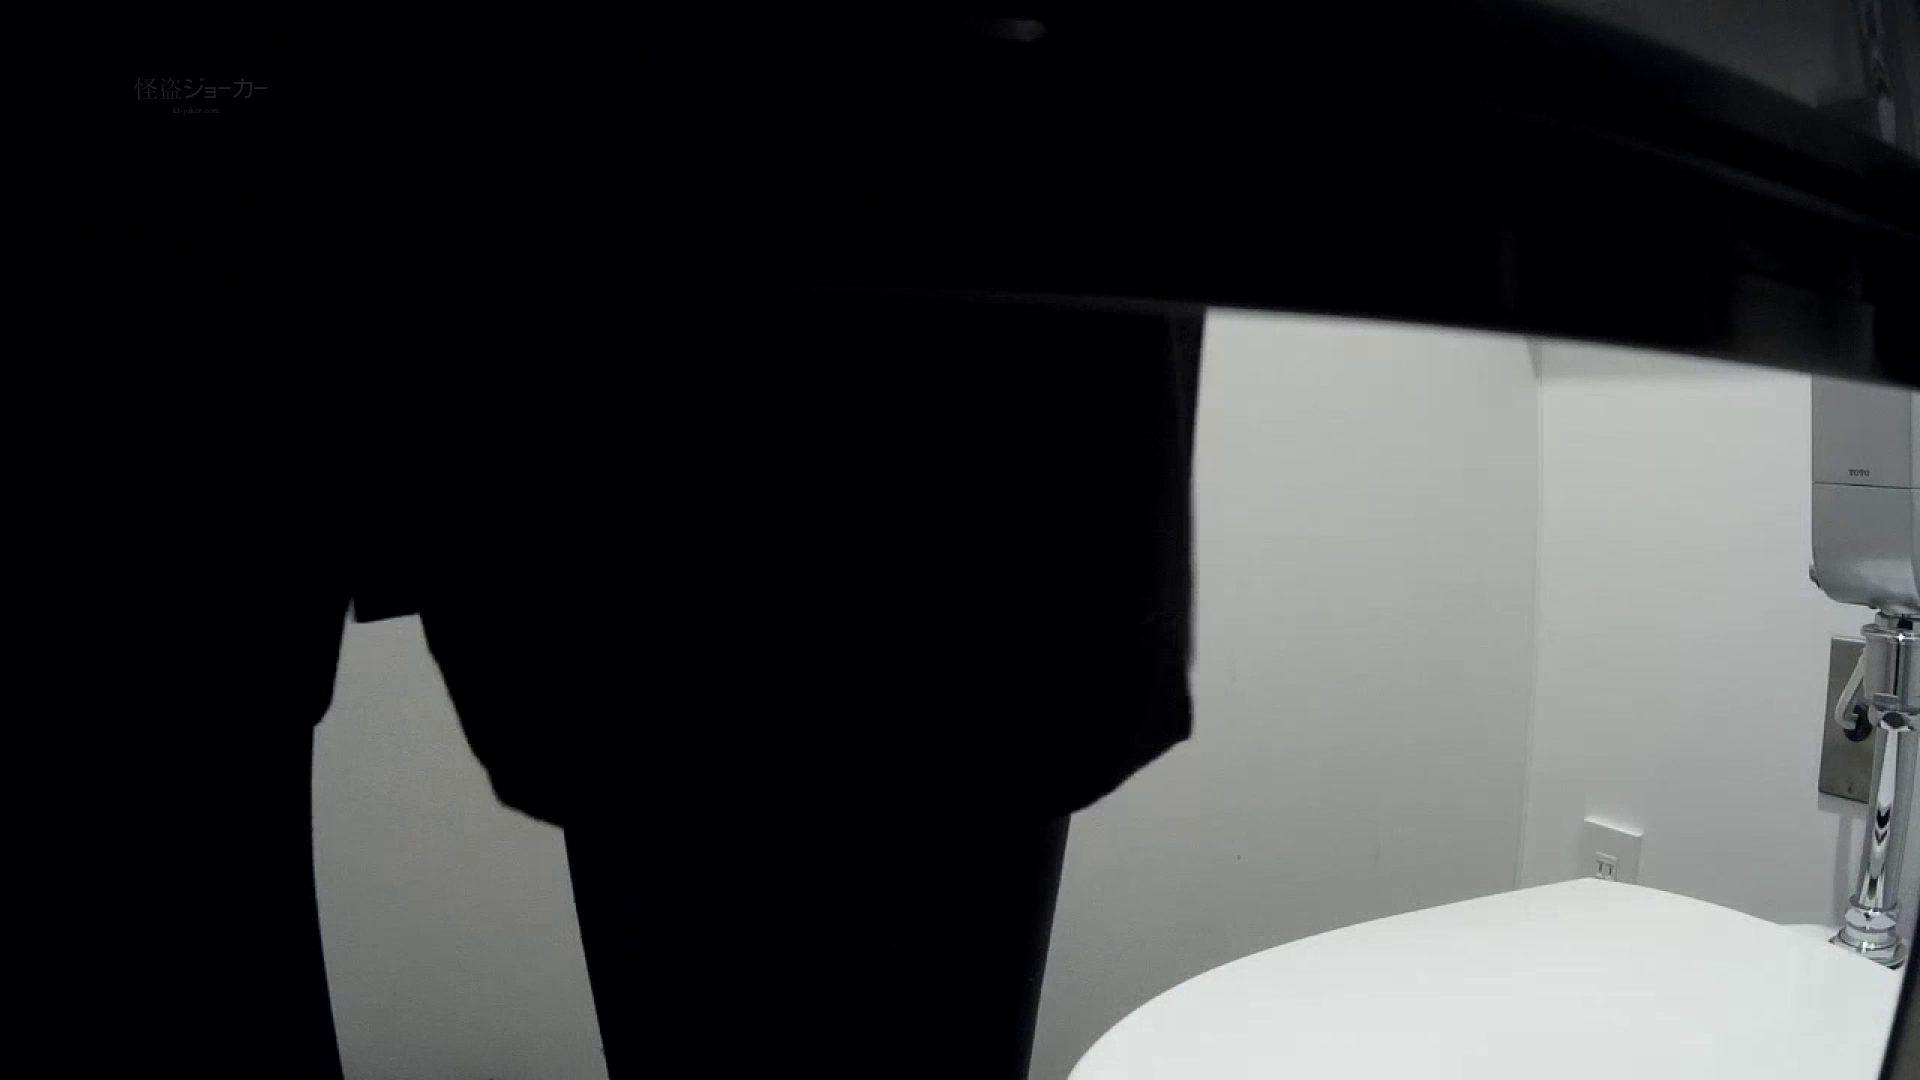 有名大学女性洗面所 vol.54 設置撮影最高峰!! 3視点でじっくり観察 丸見えマンコ   潜入  90画像 65